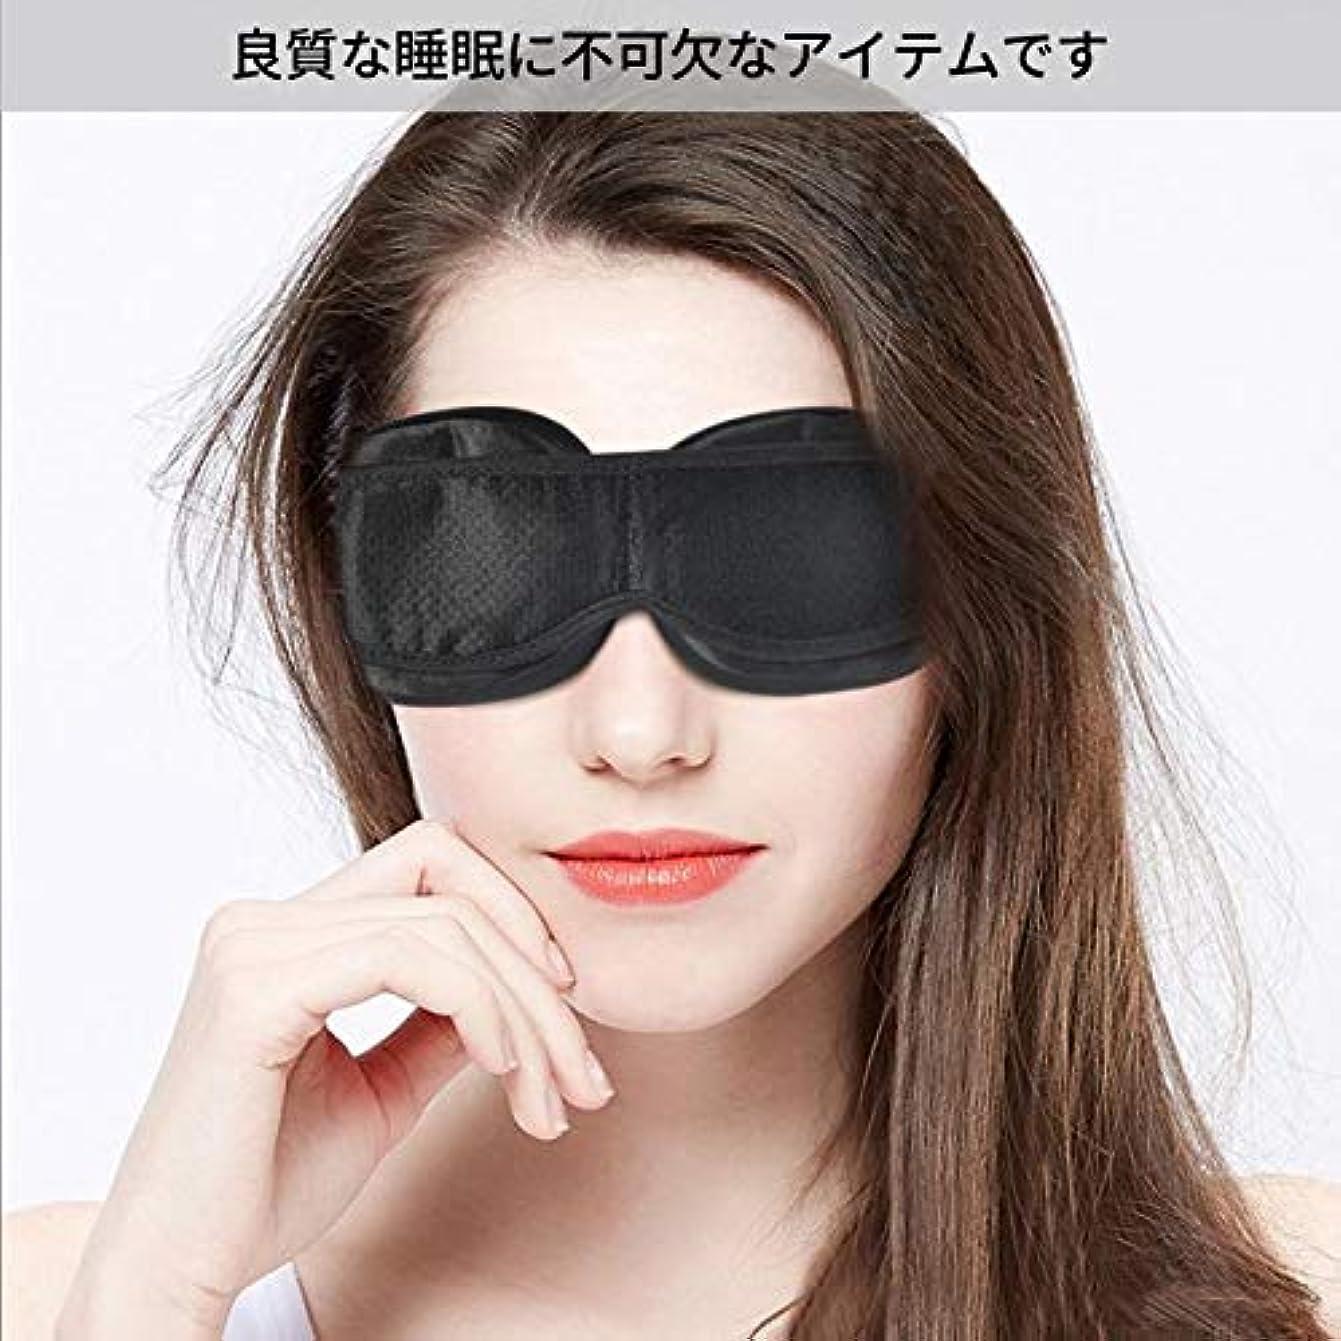 ドラフトクマノミ虚偽注モジュラー3Dアイマスクシェードカバー目隠しアイ調節可能な3D通気性トラベルレストスリーピングアイマスクナップアイパッチスリーピングマスク